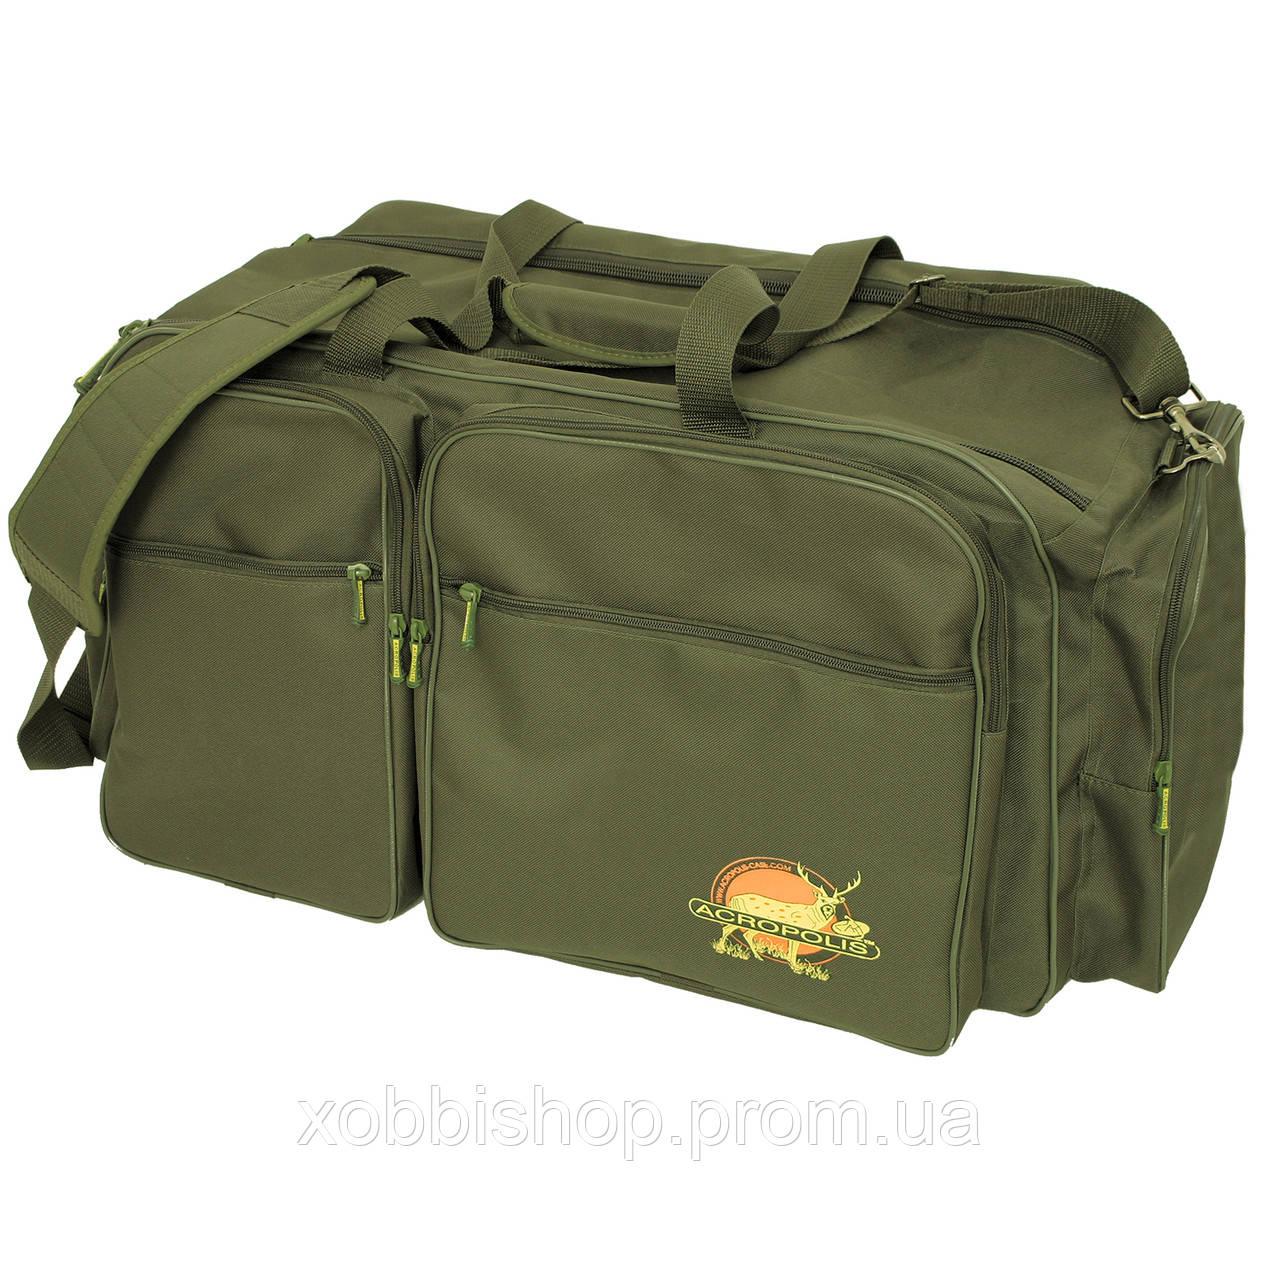 Охотничье-рыбацкая сумка с жесткими перегородками Acropolis - XobbiShop в Одессе